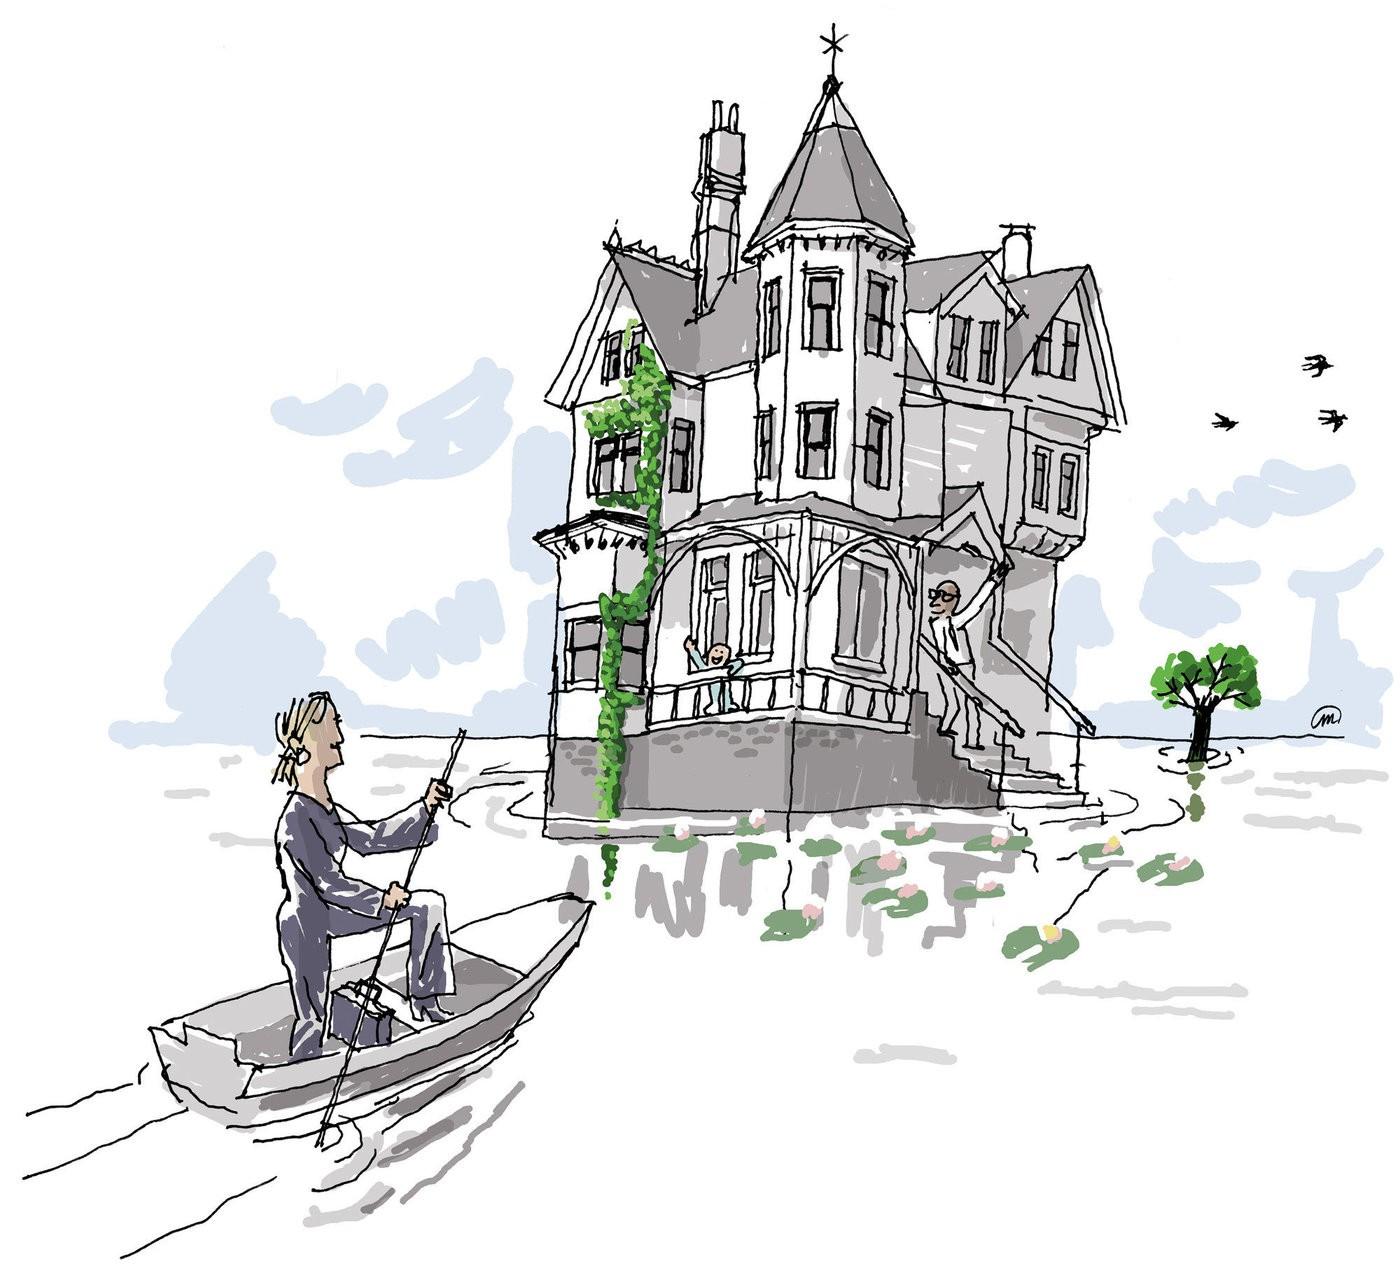 e5ec8089eeb Het kan niet slechter dan hoe Nederland het doet' – De Groene ...